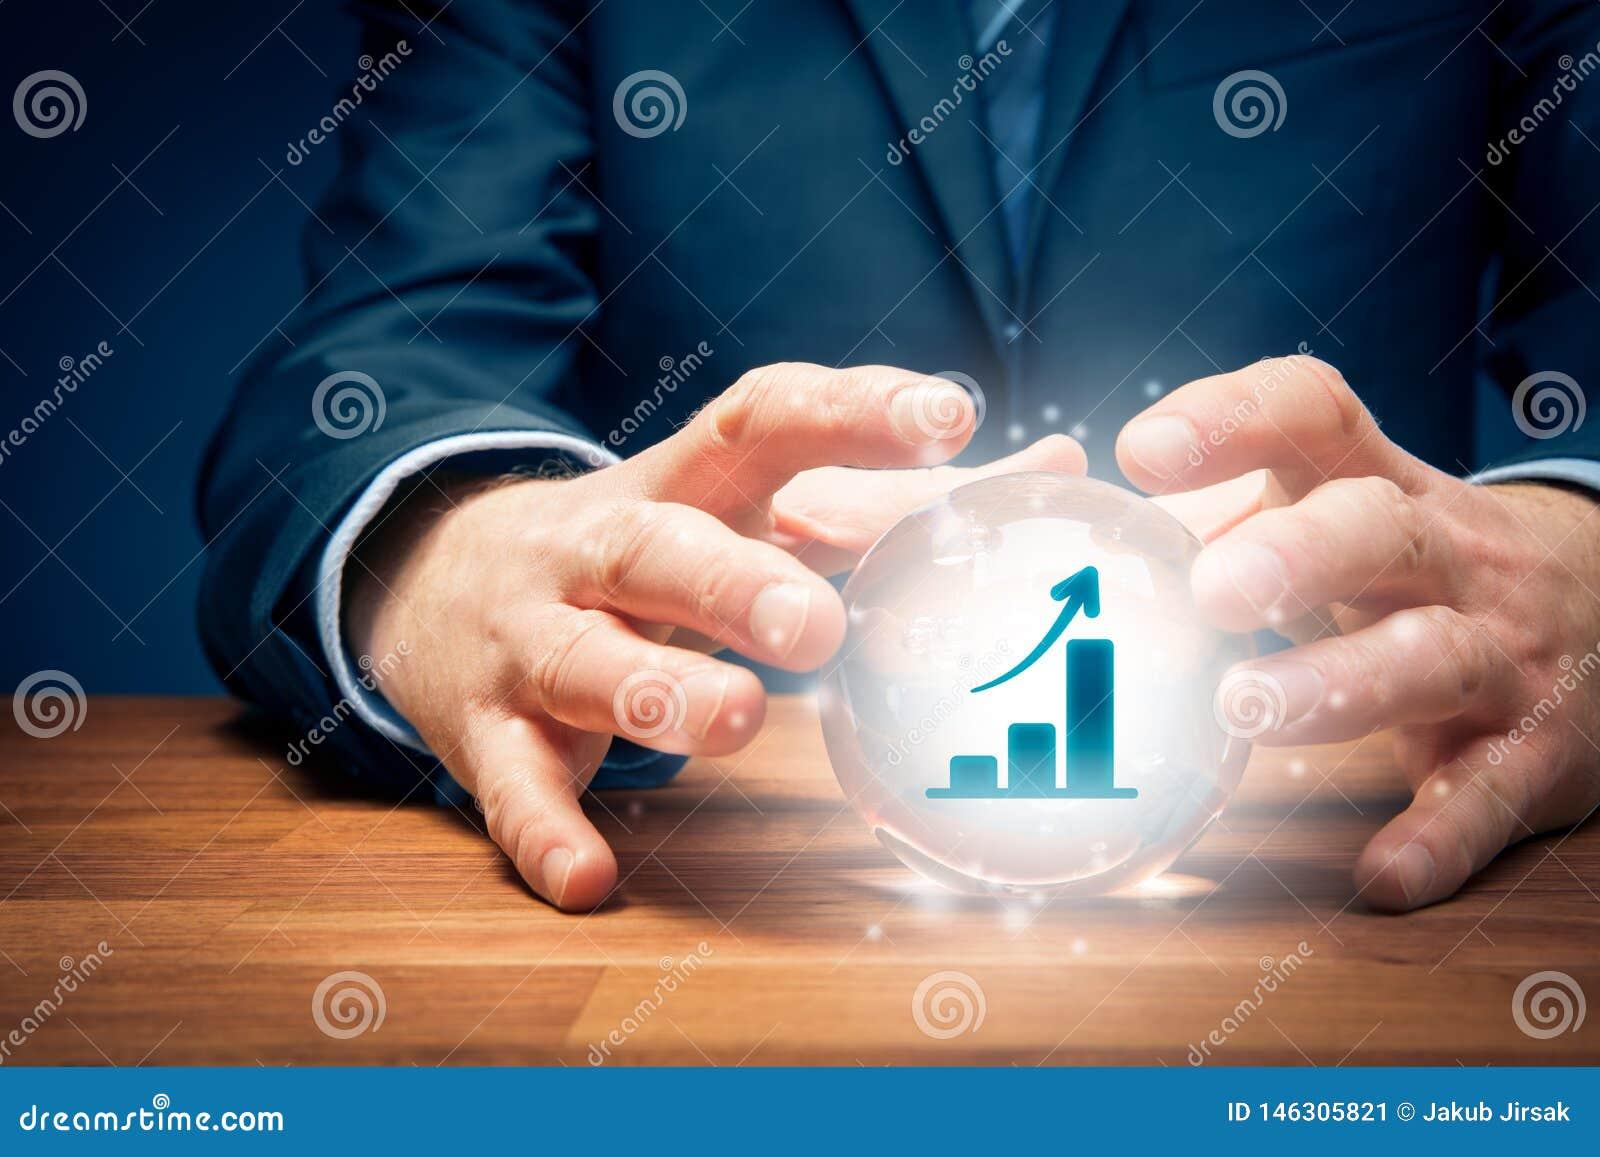 Concepto de la predicción del crecimiento del negocio con la bola de cristal